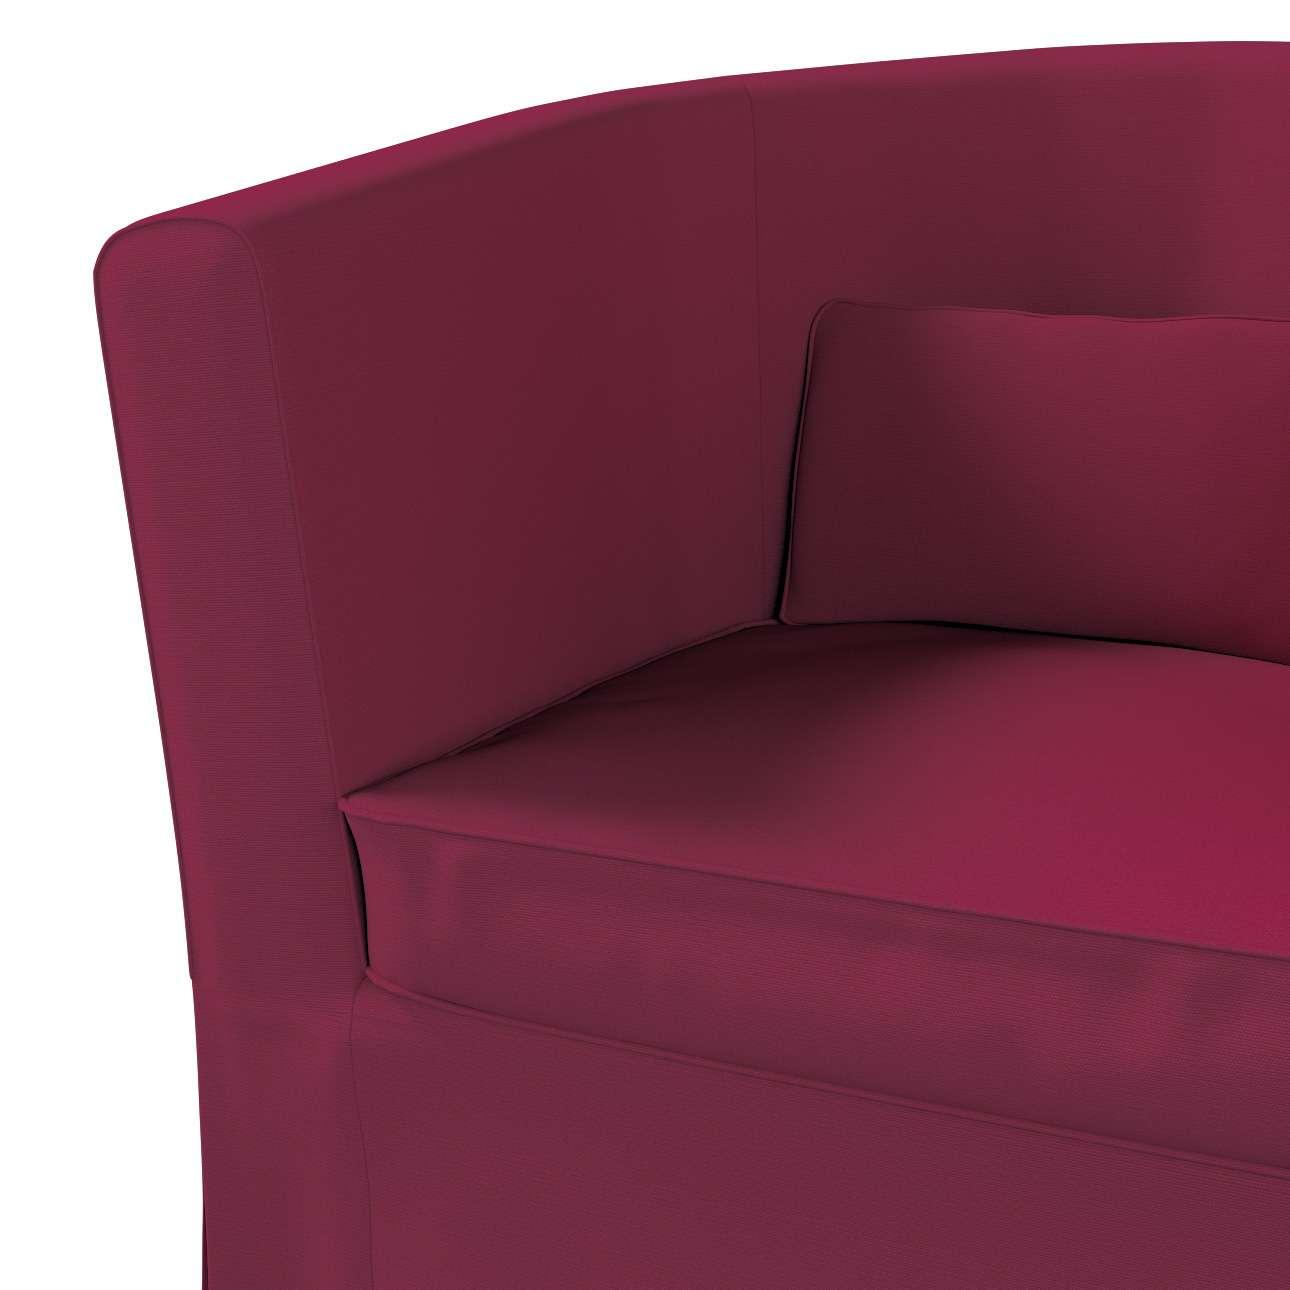 Bezug für Ektorp Tullsta Sessel von der Kollektion Cotton Panama, Stoff: 702-32